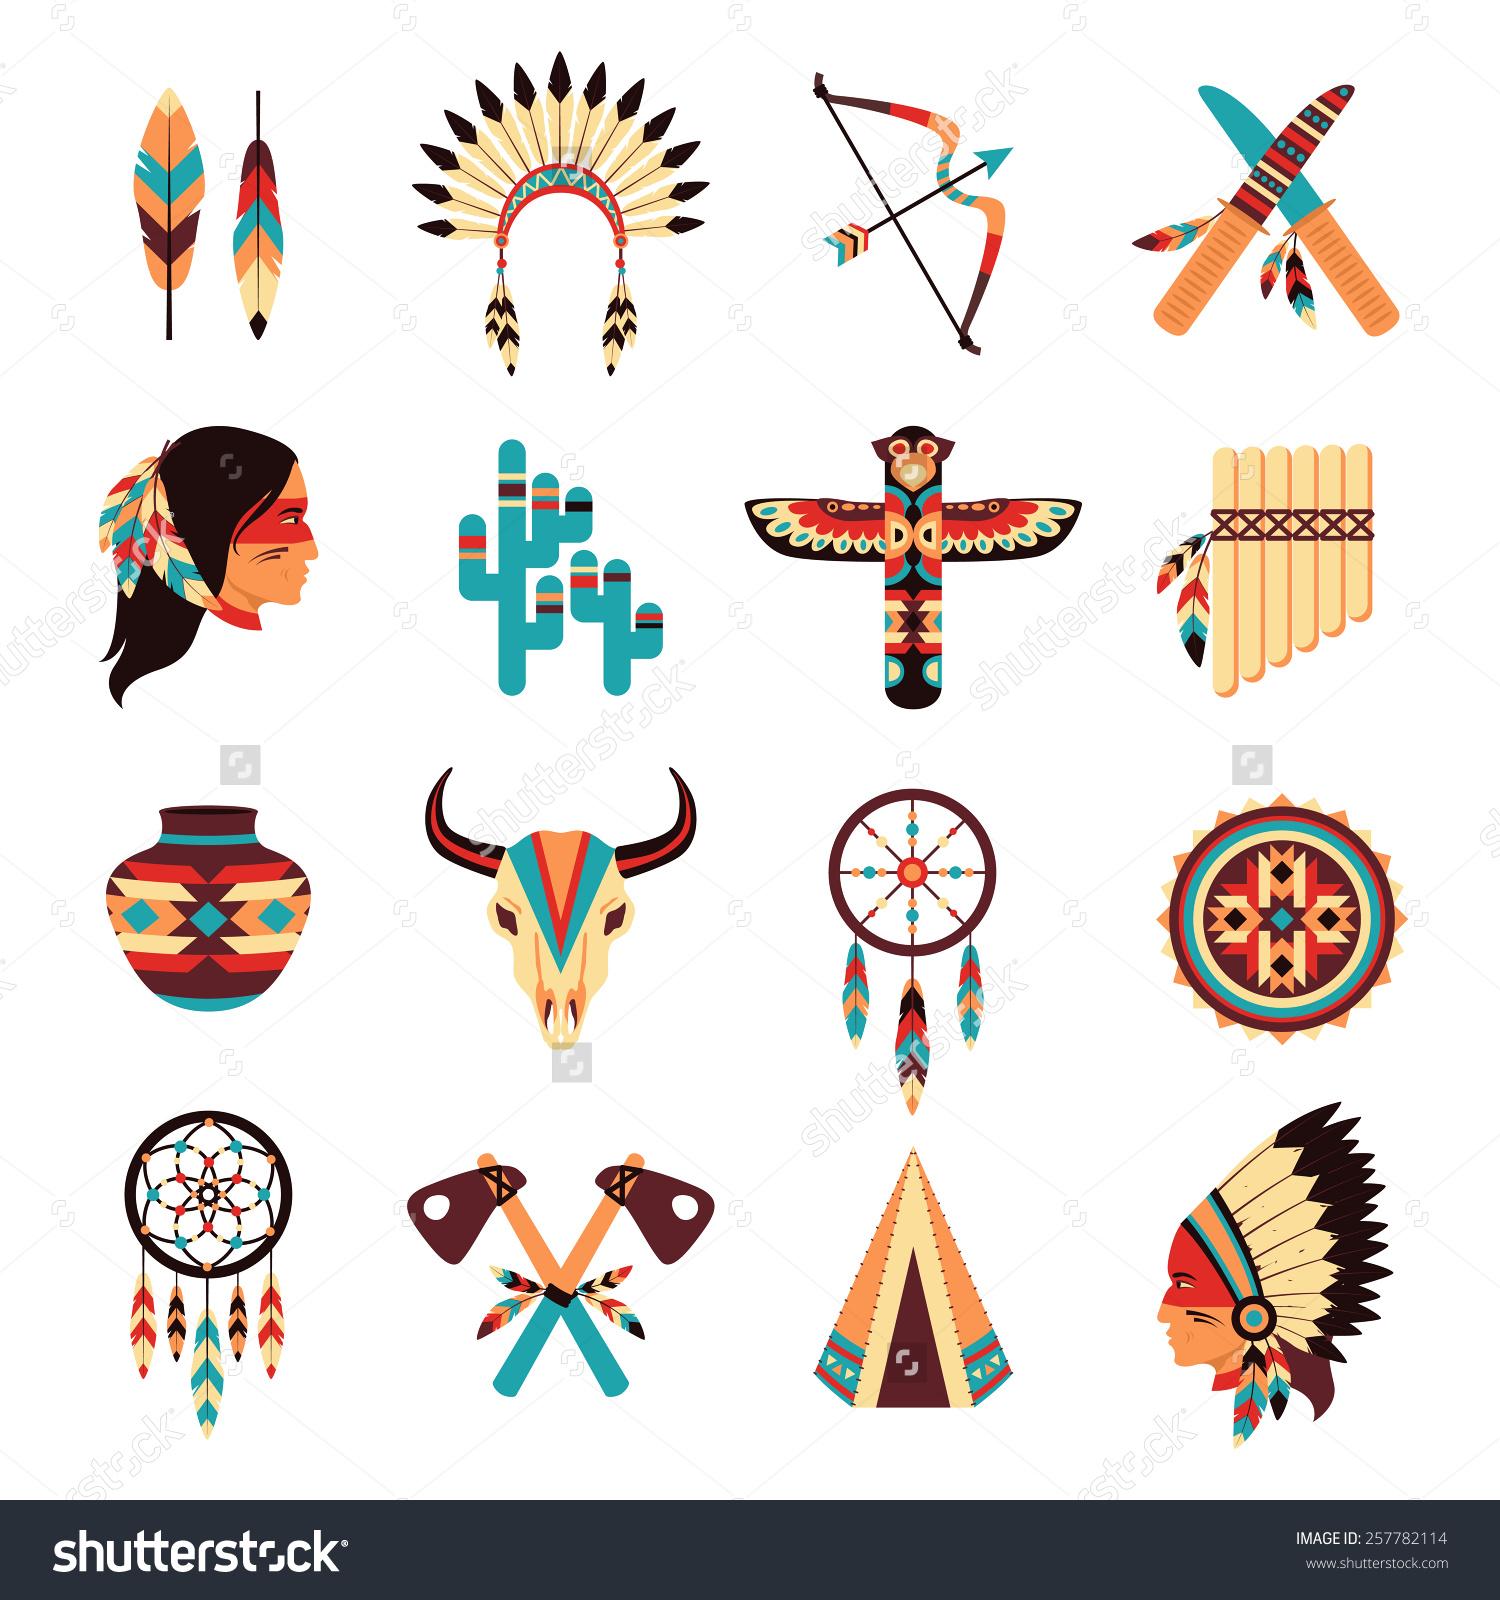 Headdress clipart navajo Native symbols icons and idigenous